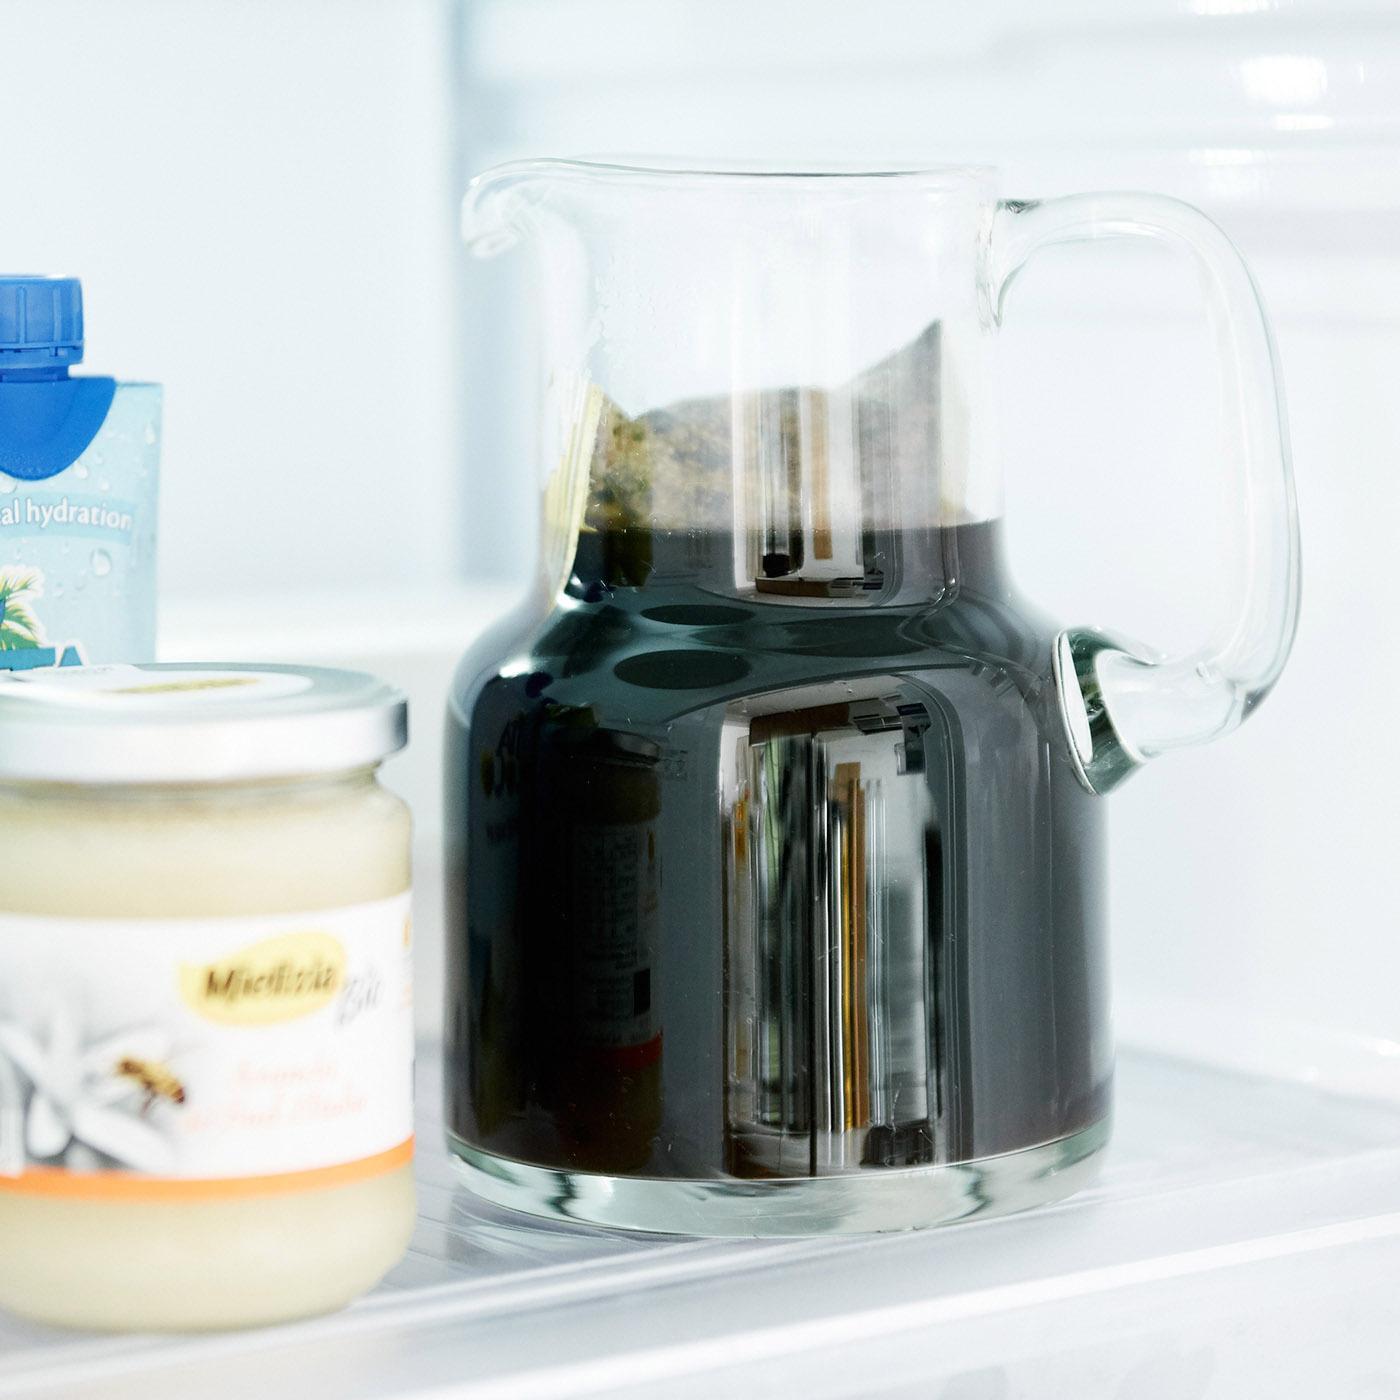 250mlの水に1パックを入れて、冷蔵庫で8時間待てば完成です。水出しだから手間いらず。